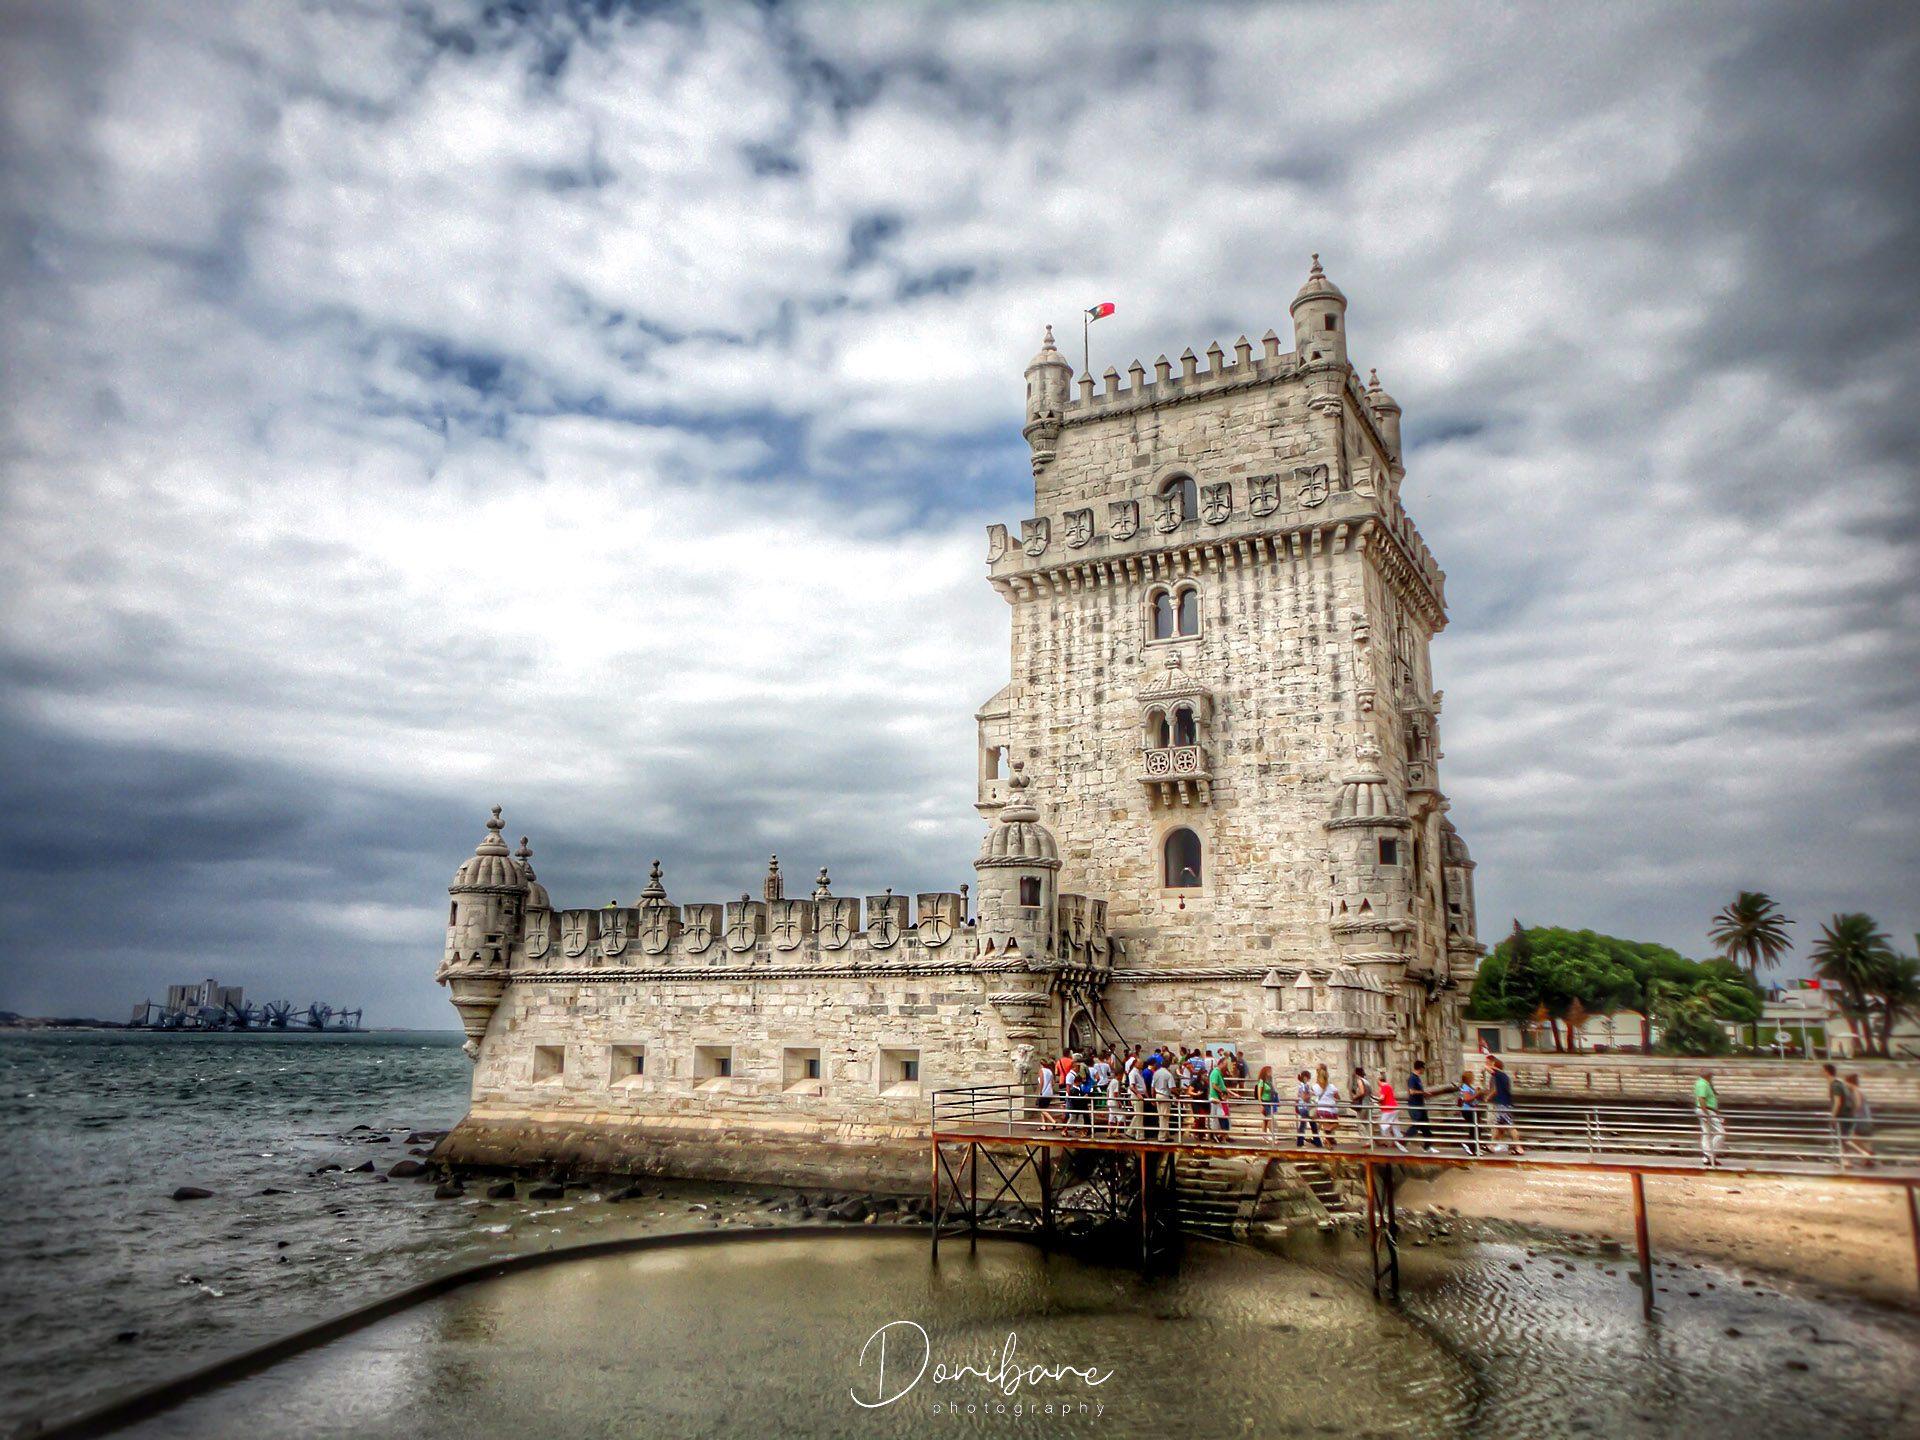 Belem en Lisboa, Portugal, fotografía de Donibane